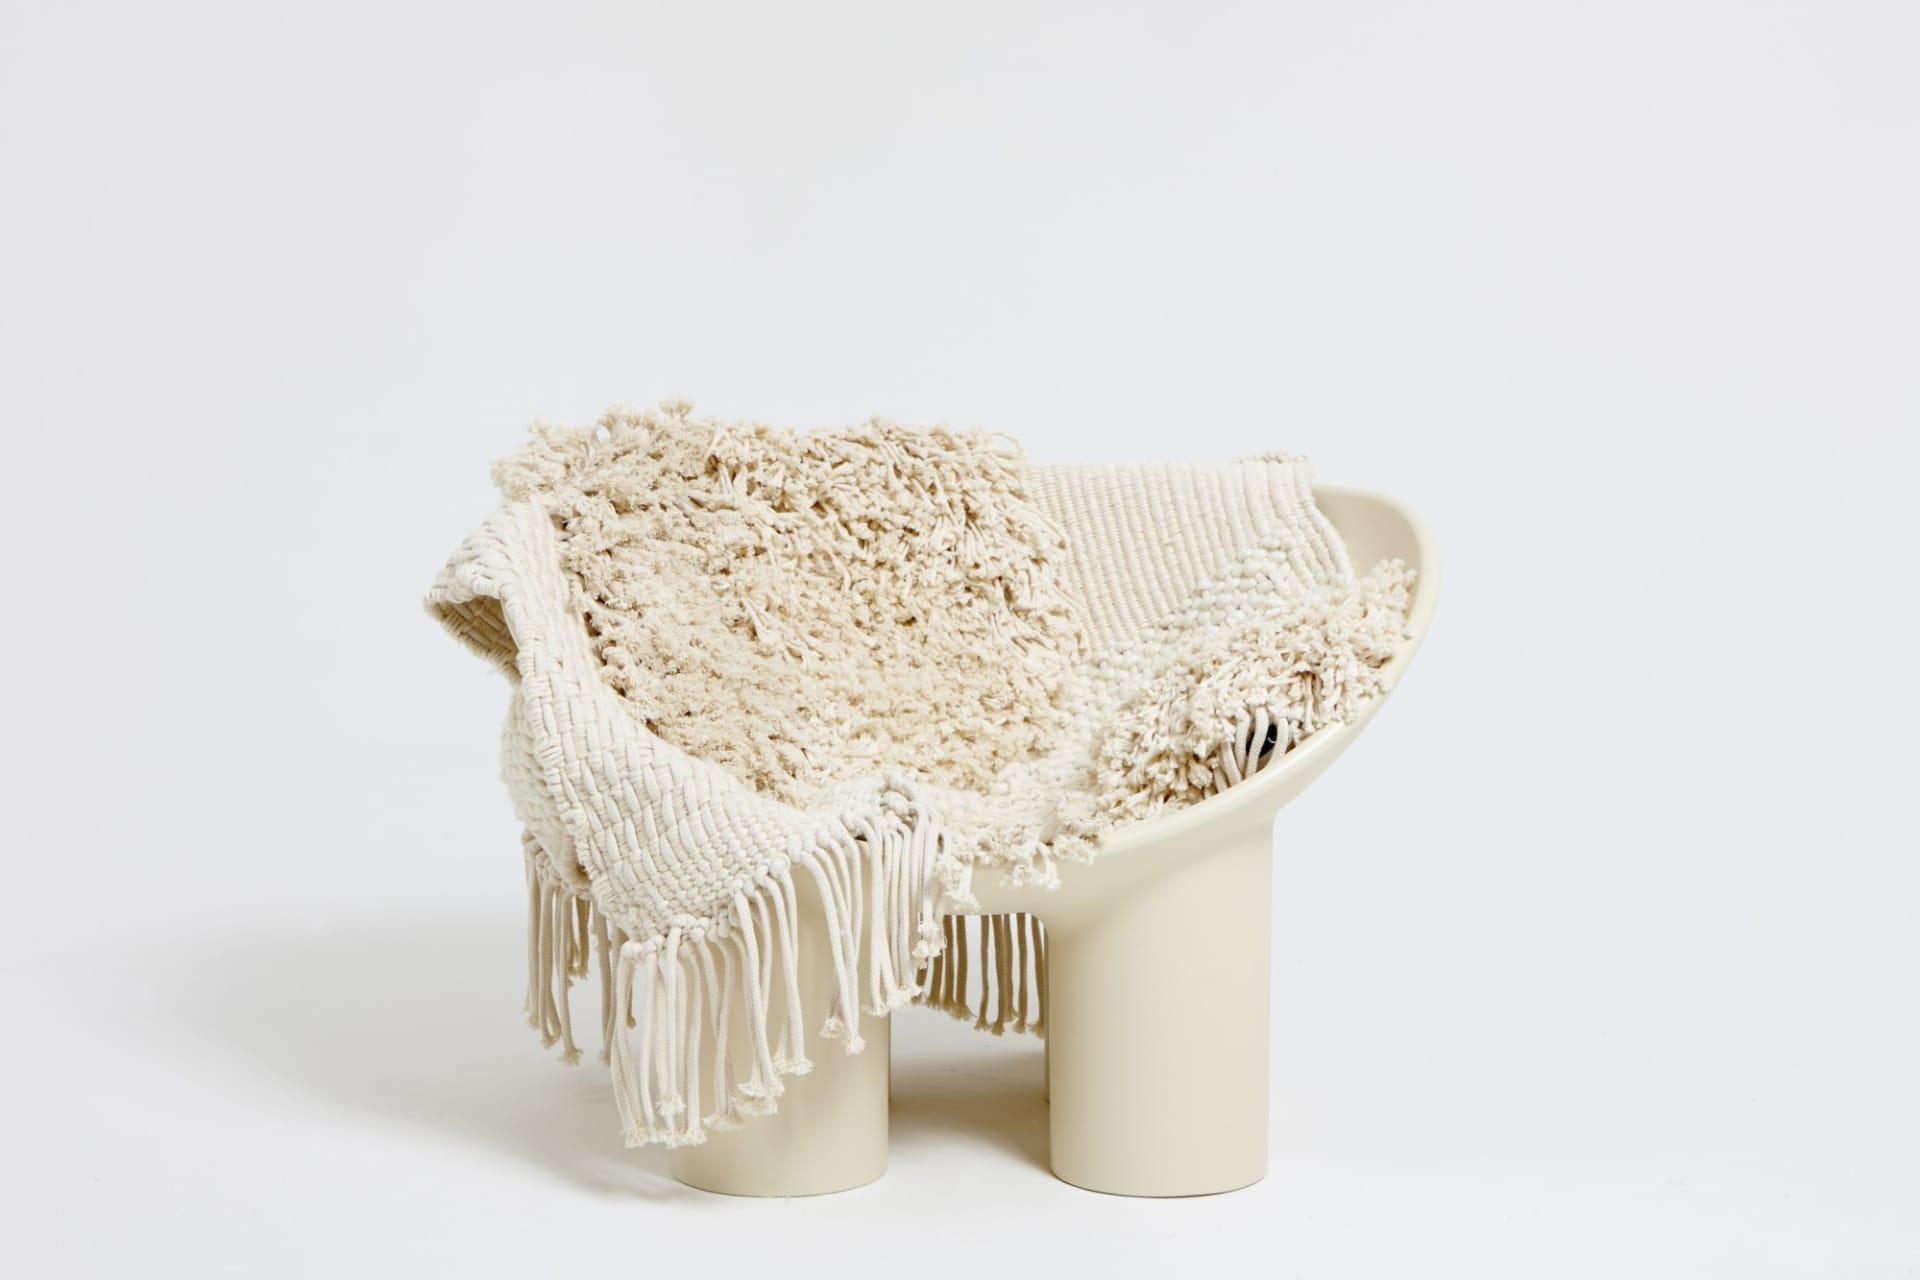 Roly Poly Chair har fått sin lite svullna form på grund av en graviditet. Den kom till i samband med att Faye Toogood födde sin dotter Indigo. Stolen ingår i en serie möbler med bord och stolar i olika höjd. Det är tillverkade glasfiber som normalts används till båtar. Pris påförfrågan.